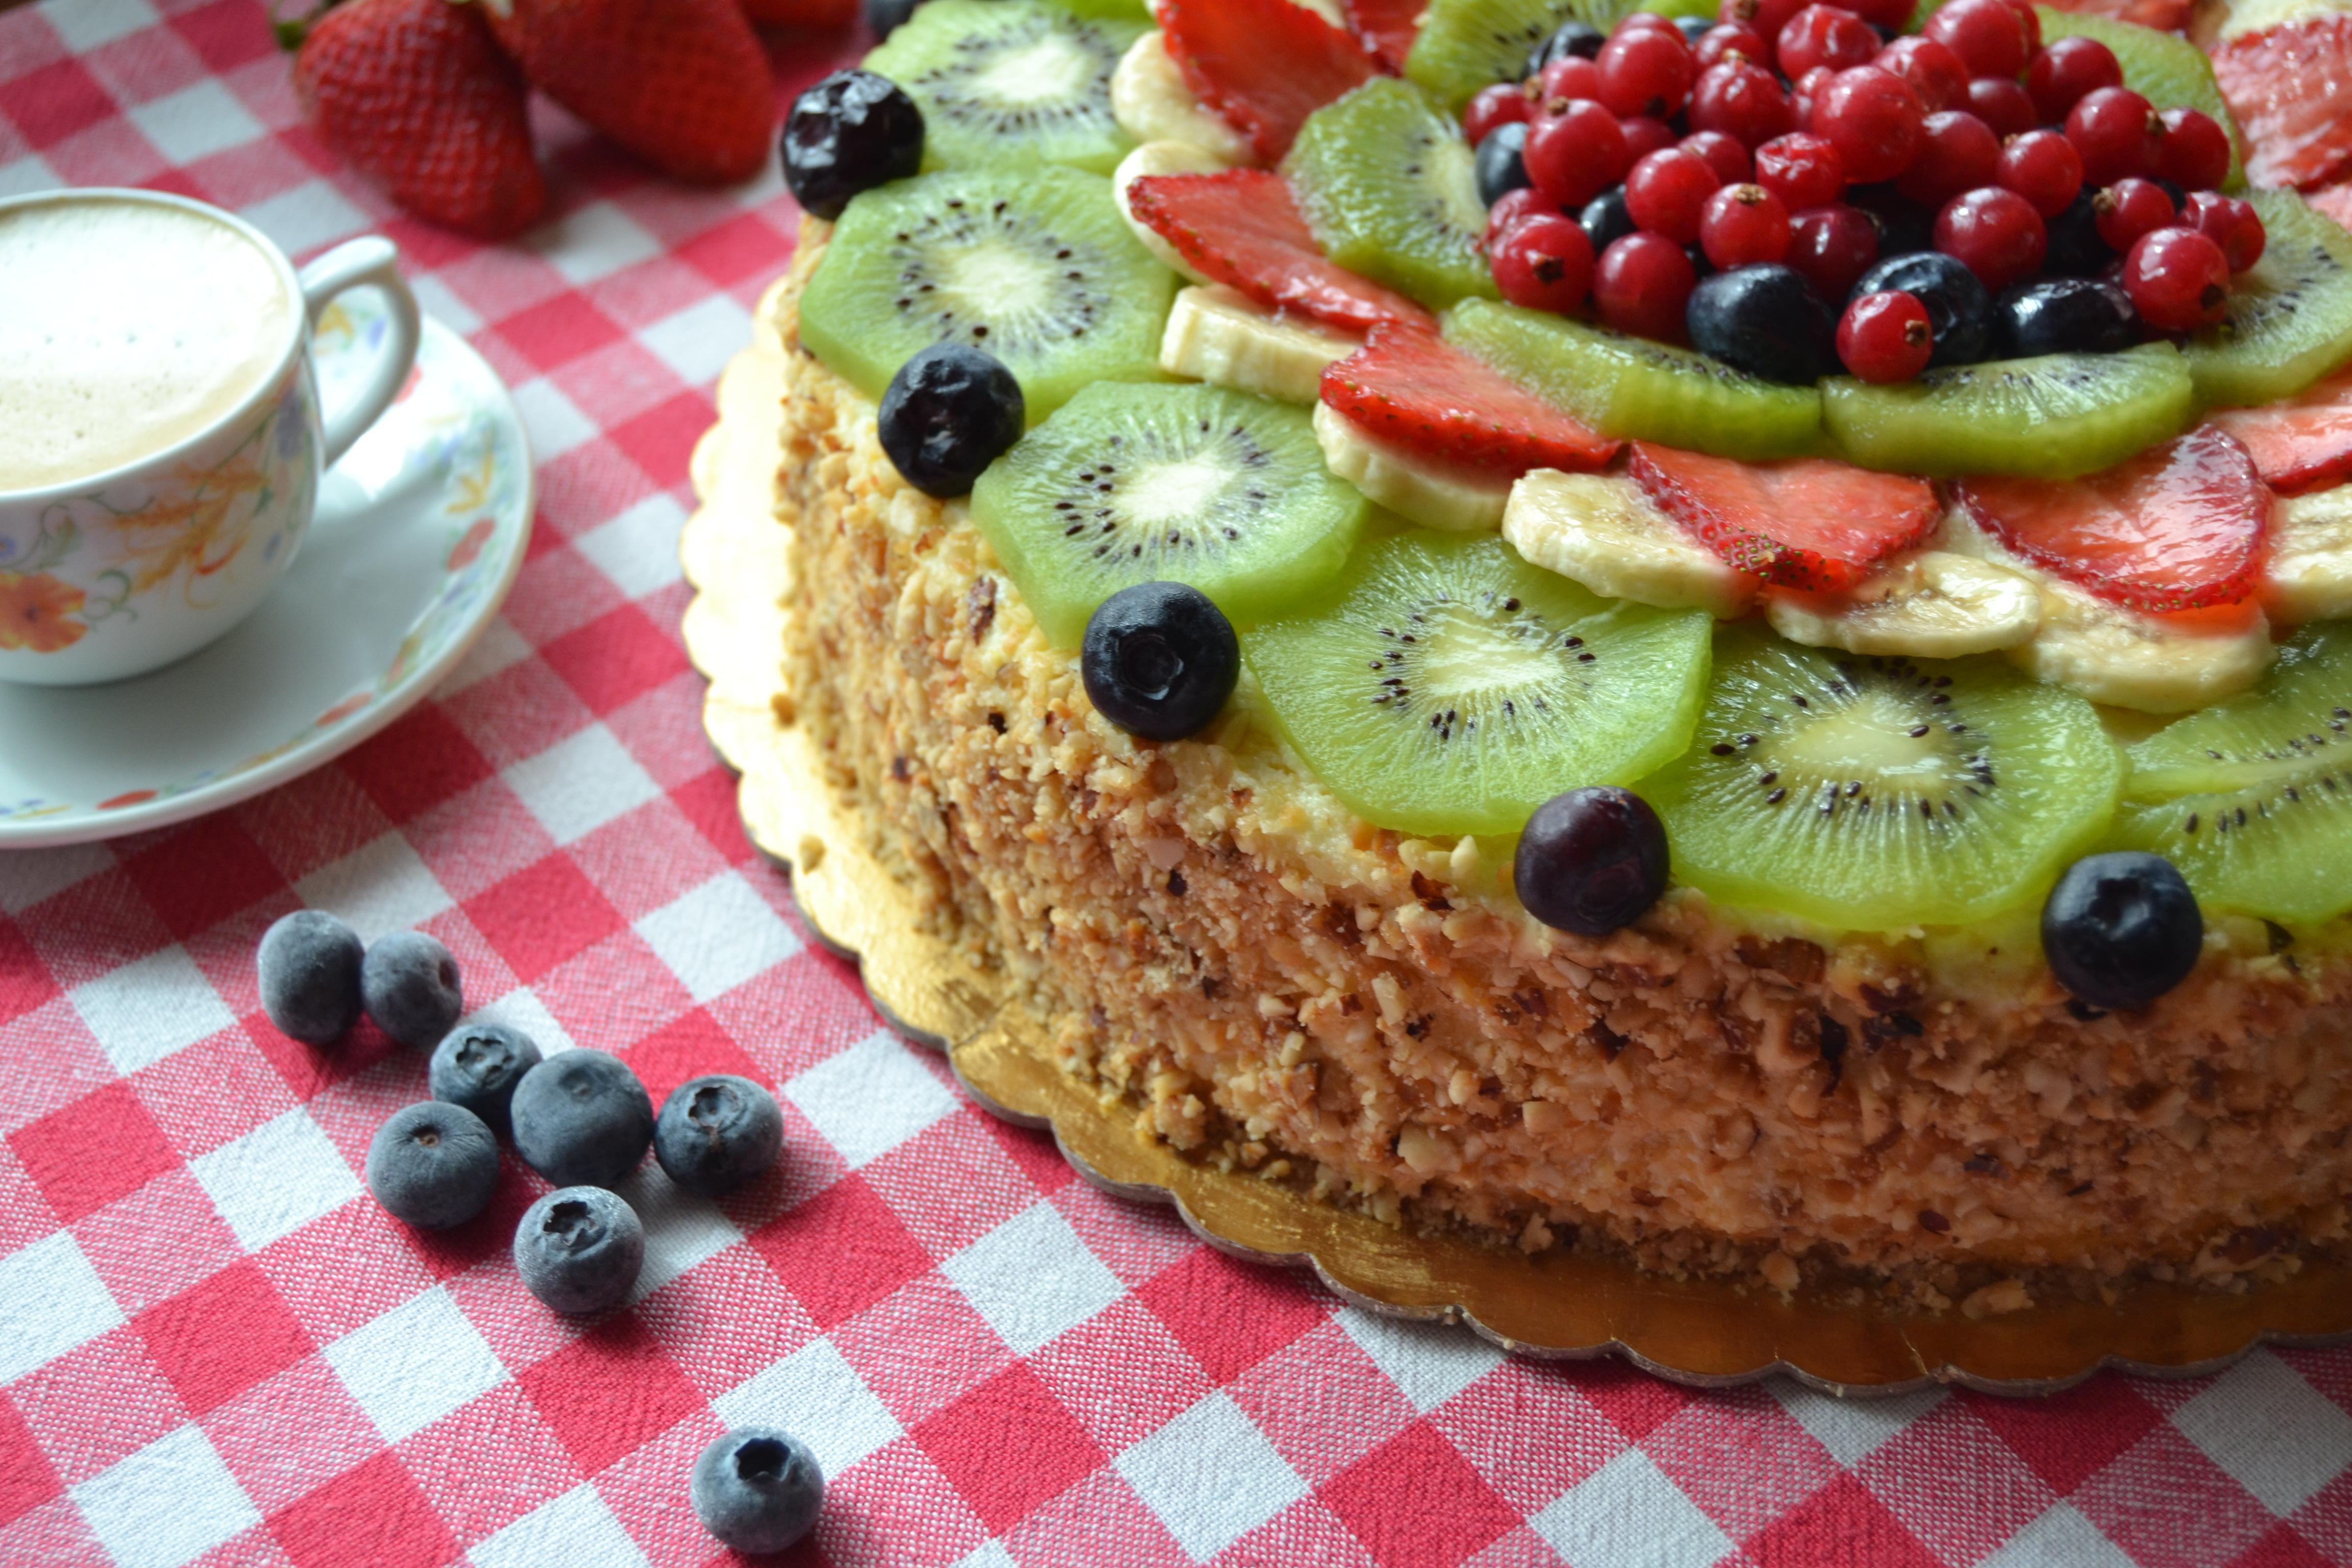 Torte Da Credenza Definizione : Torte da credenza u la torteria non solo dolci